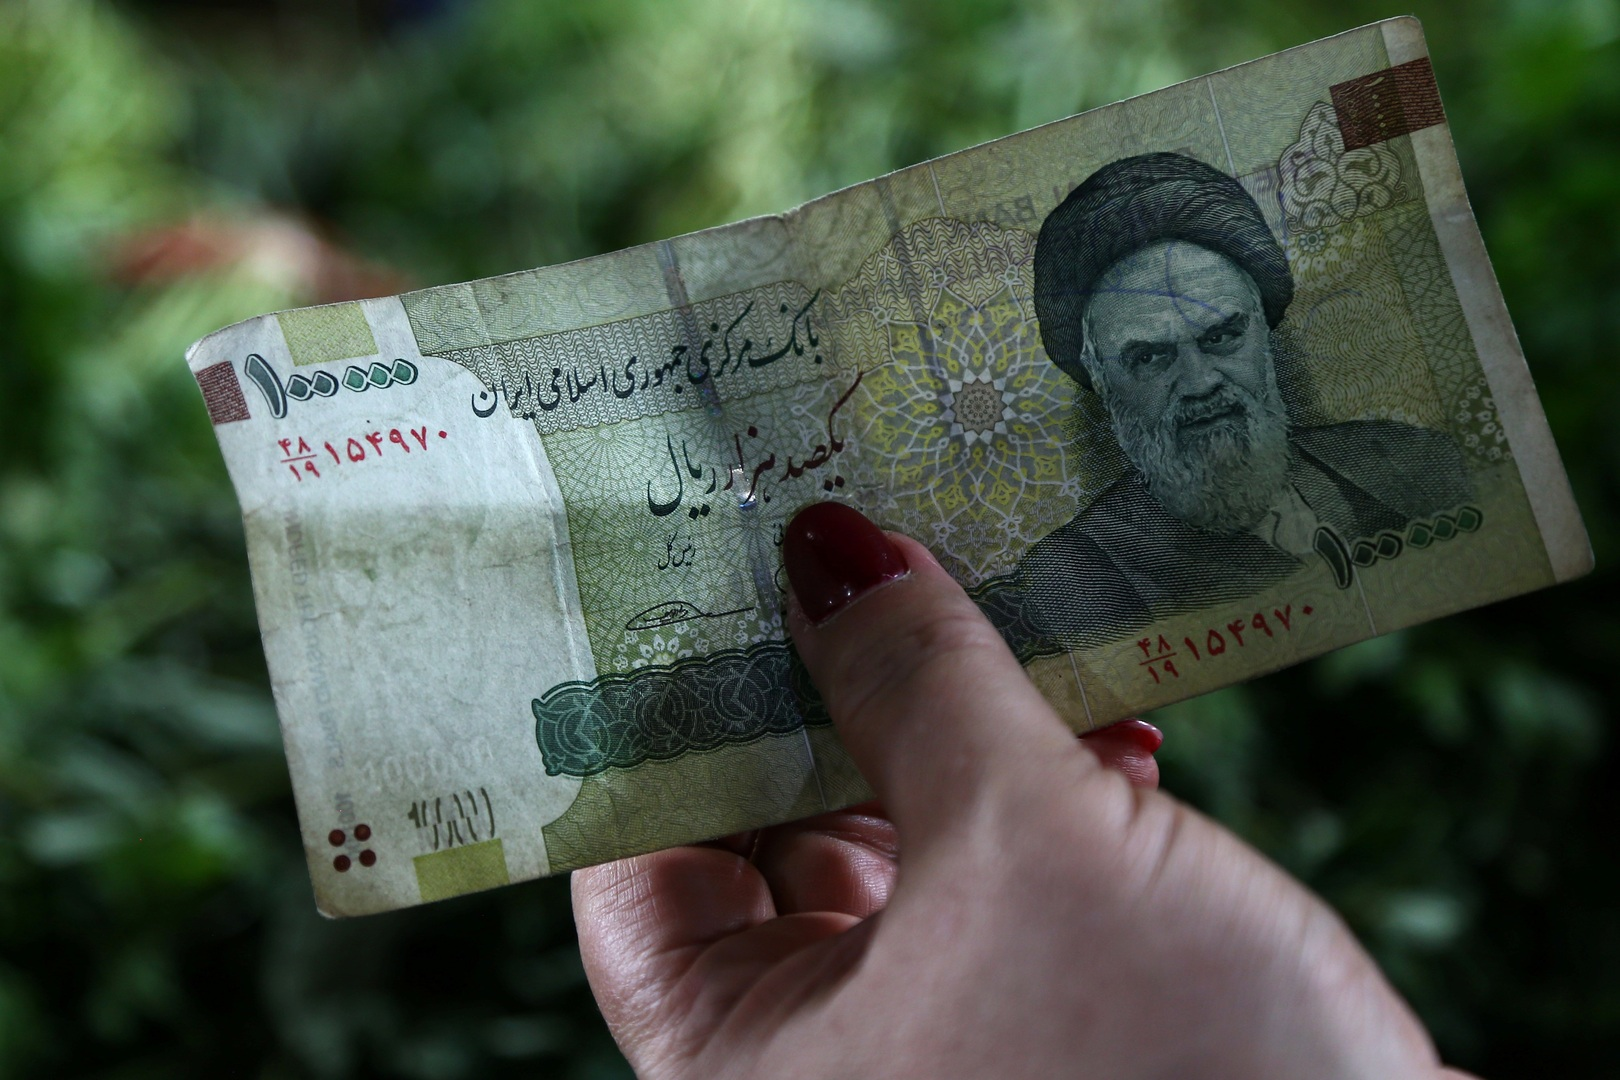 المركزي الإيراني يحذر من المضاربة بالنقد الأجنبي